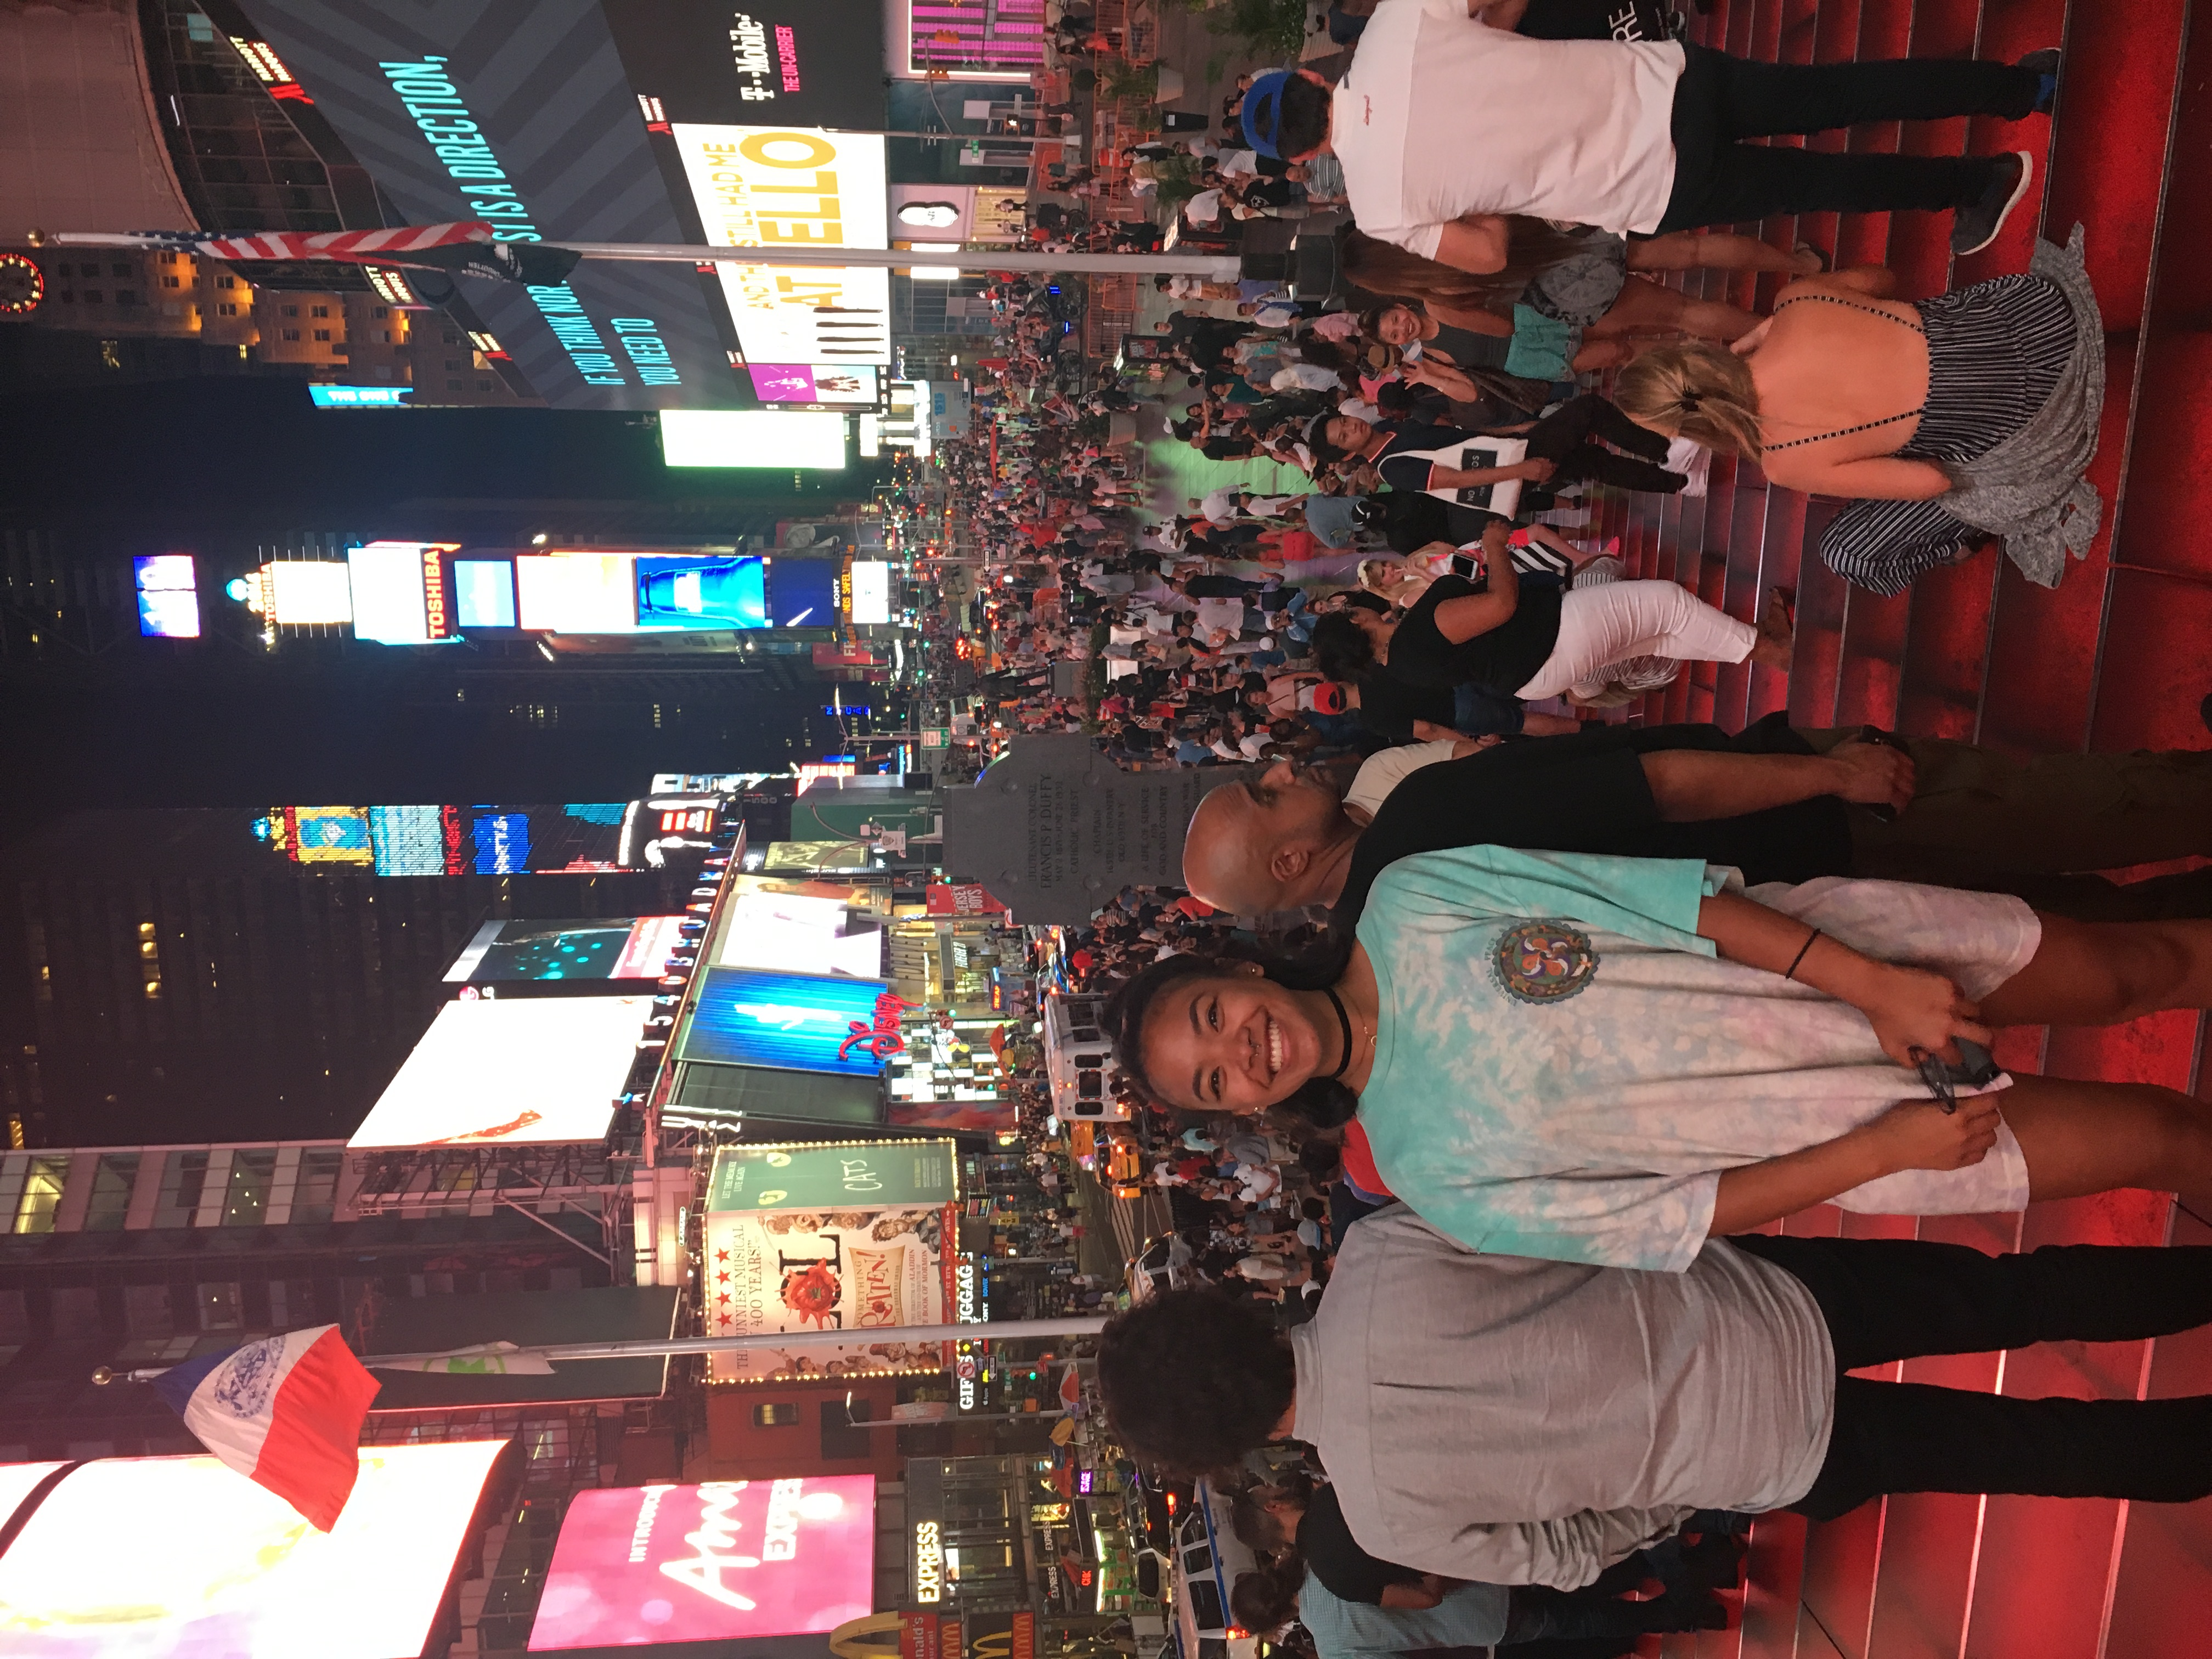 Ariane @ NYC